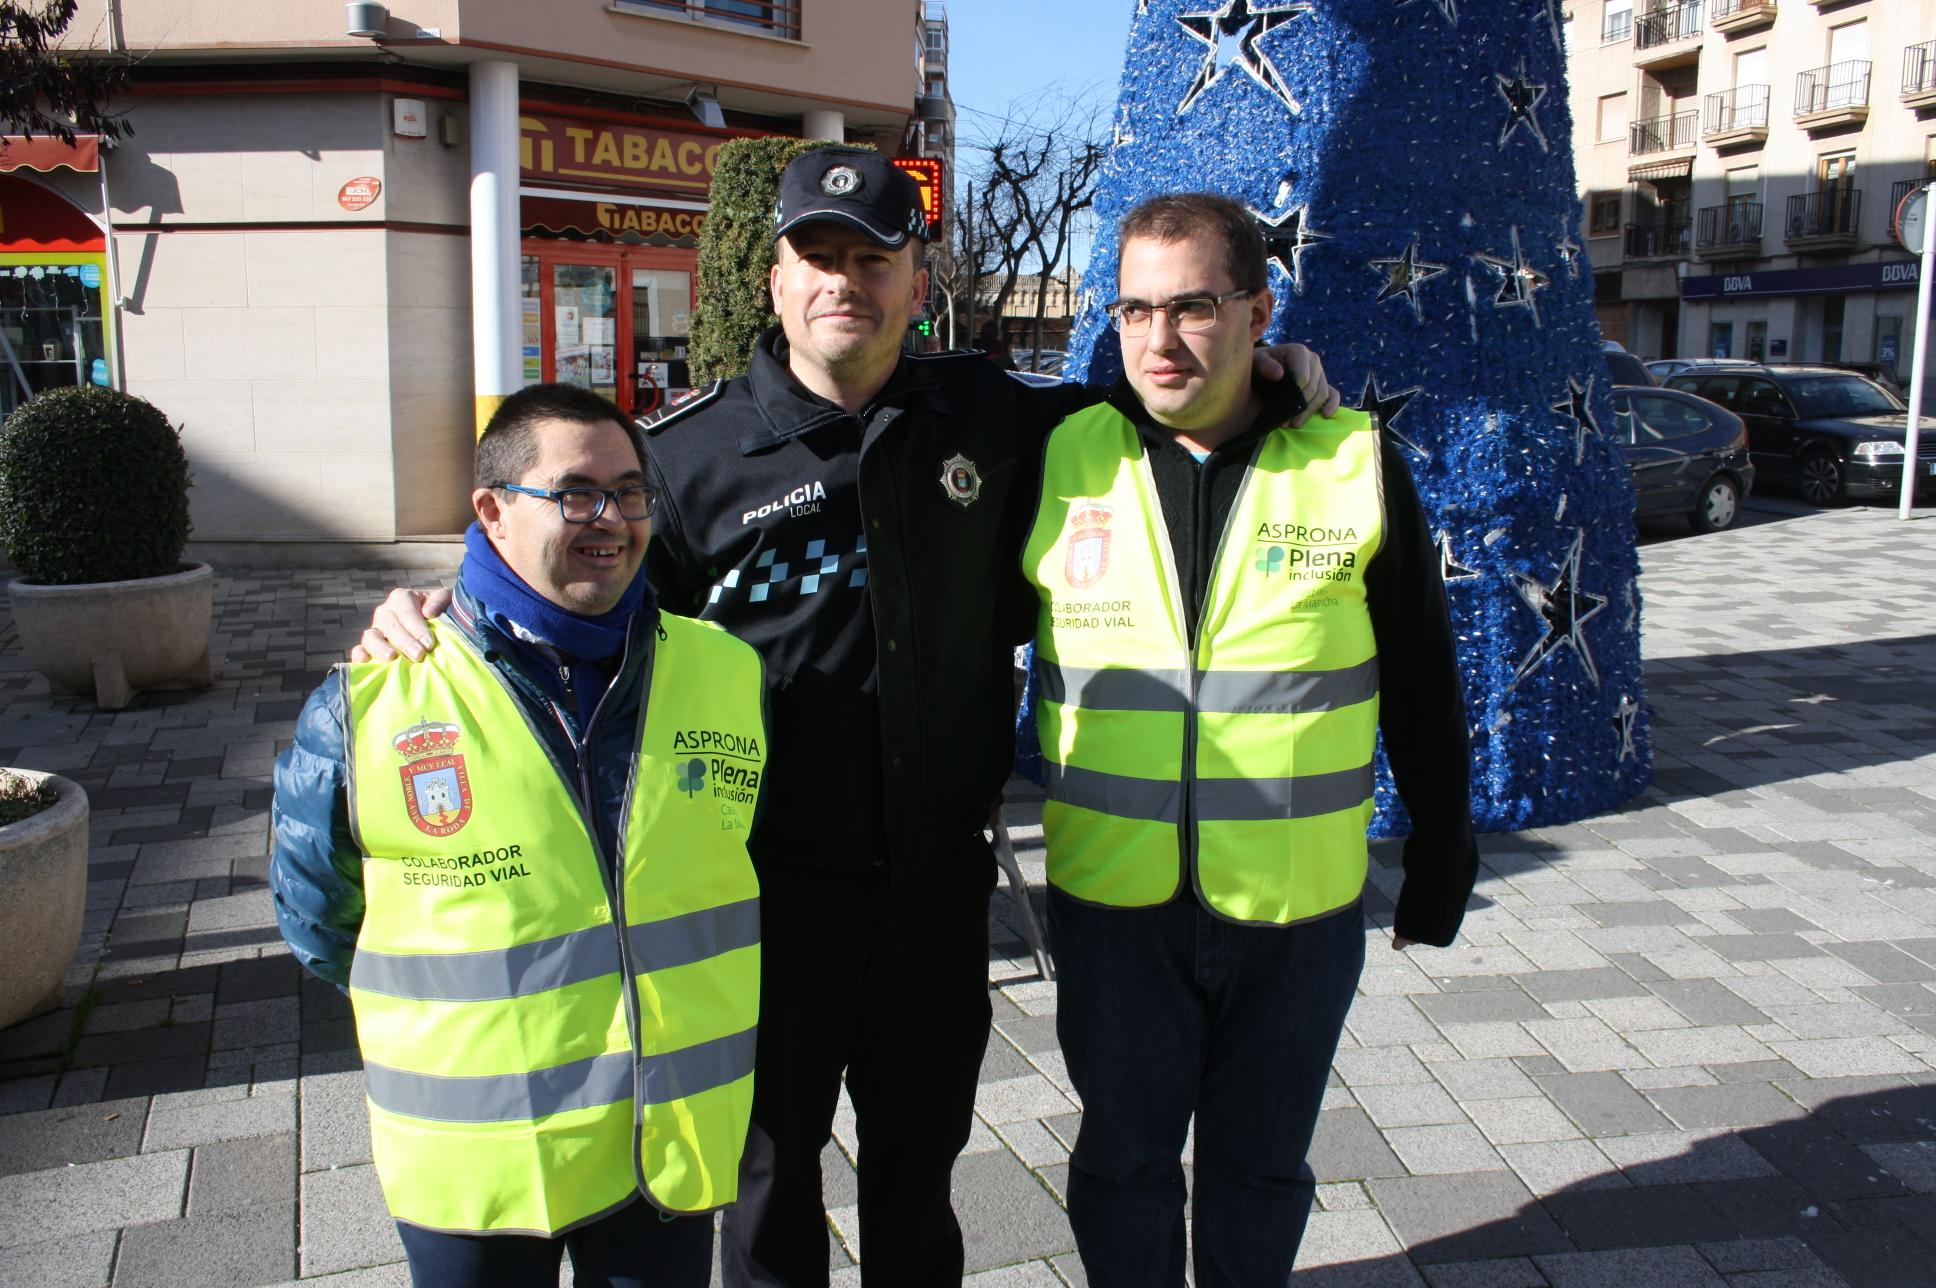 jefe-policia-con-dos-de-los-tres-usuarios-del-programa